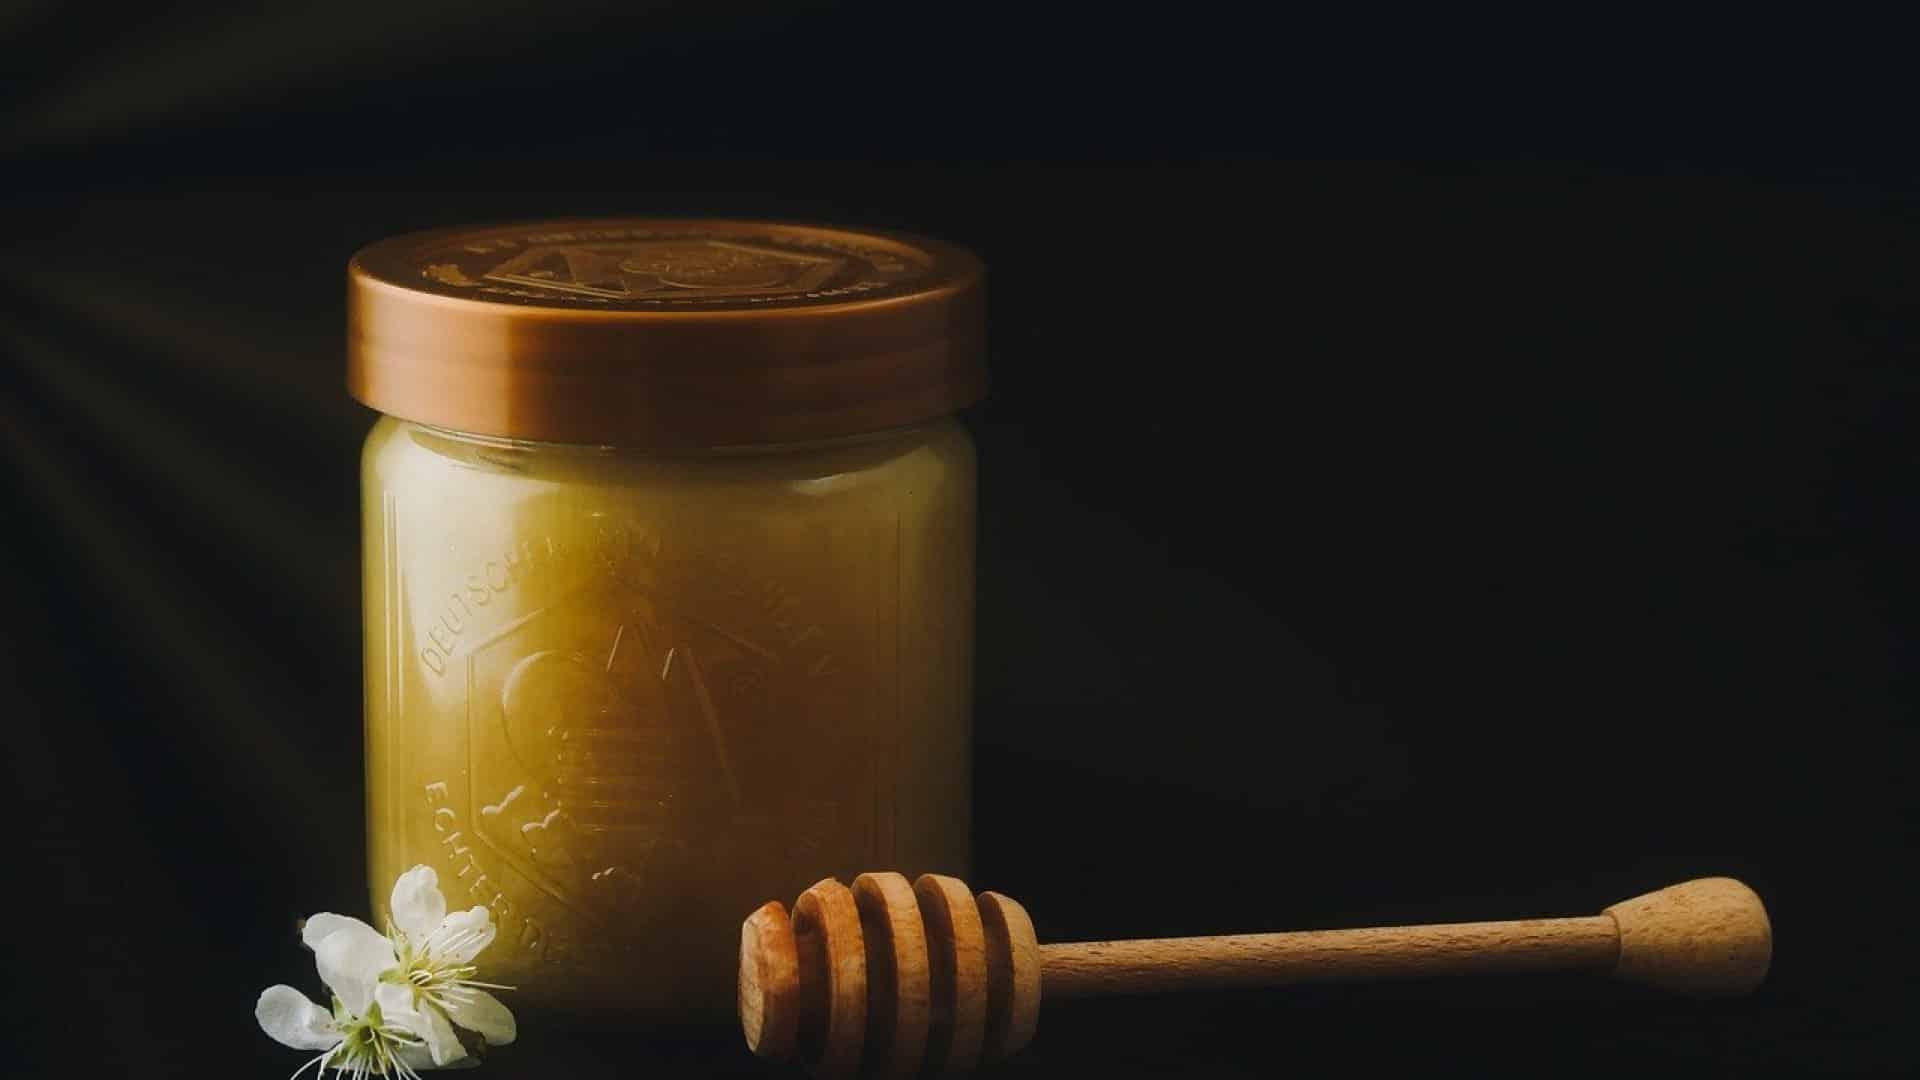 L'essentiel à savoir sur les vertus et avantages du miel